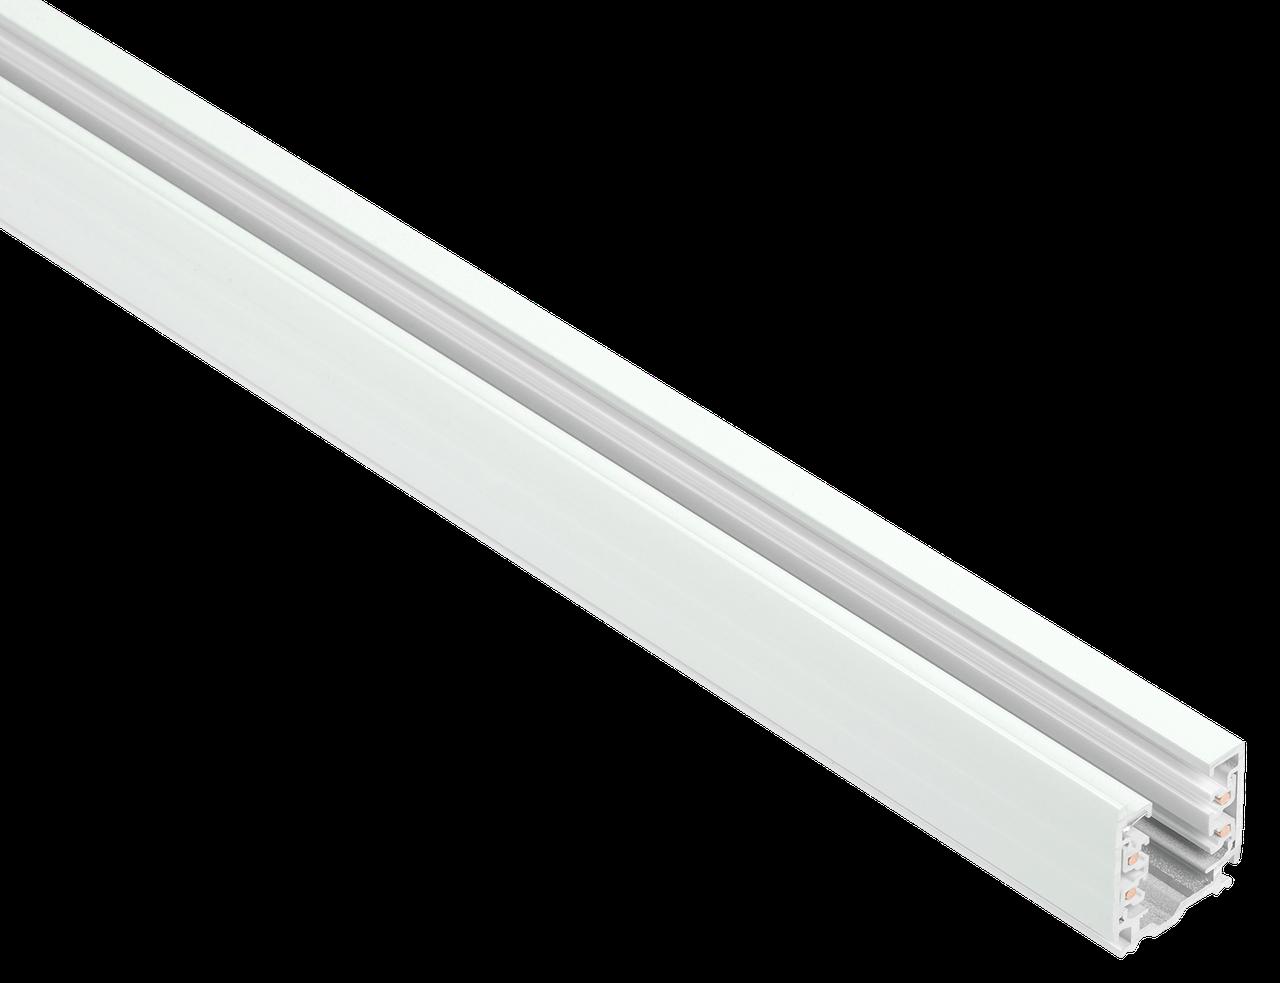 Шинопровод осветительный трехфазный 4м белый IEK